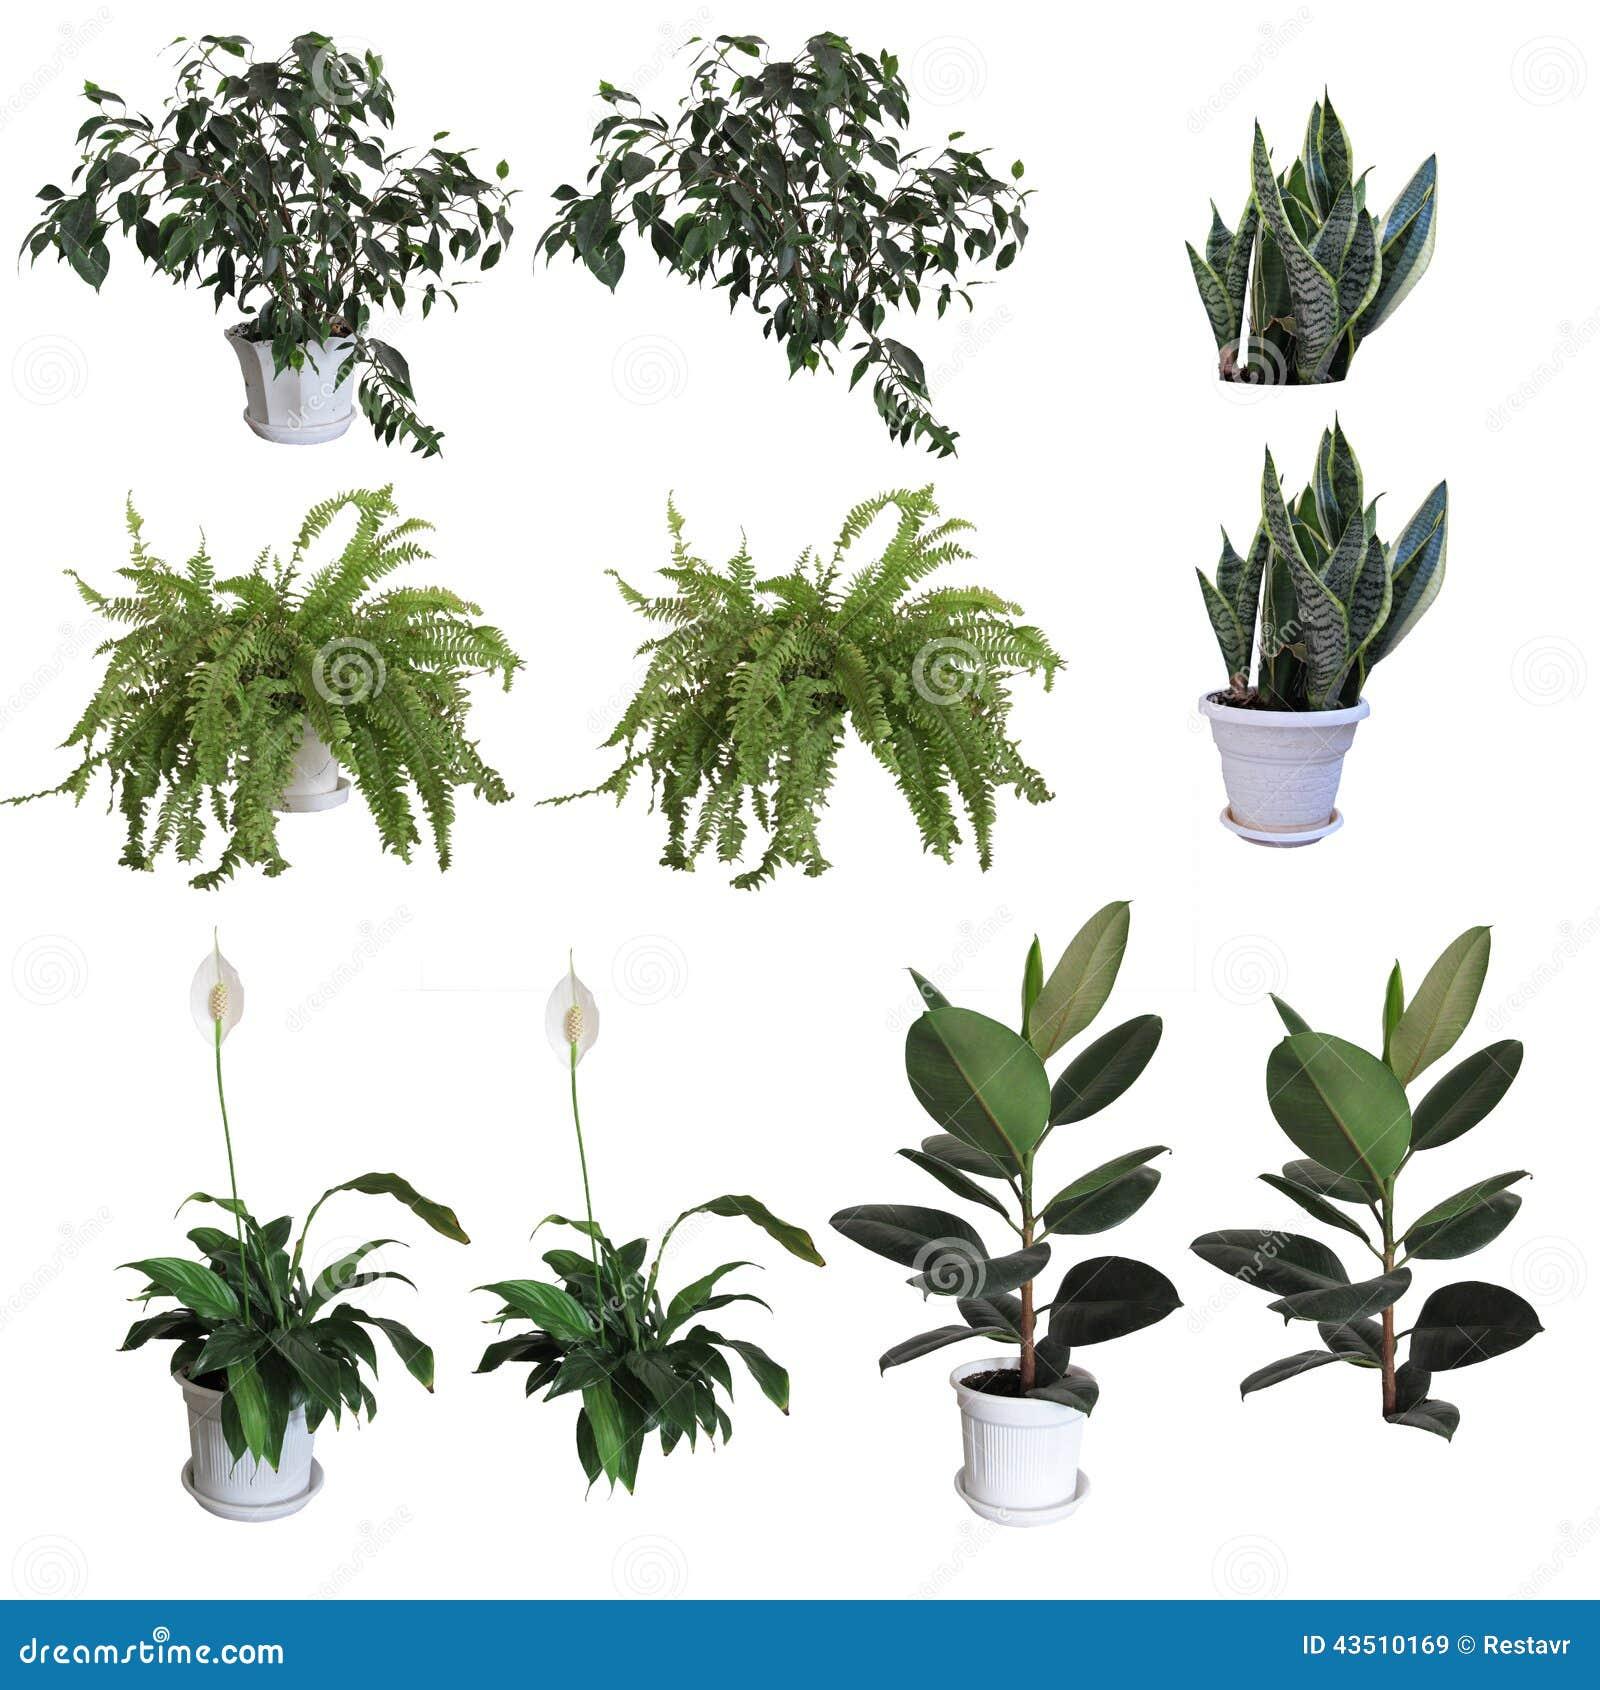 Zierpflanzen stock abbildung bild 43510169 for Dekor von zierpflanzen